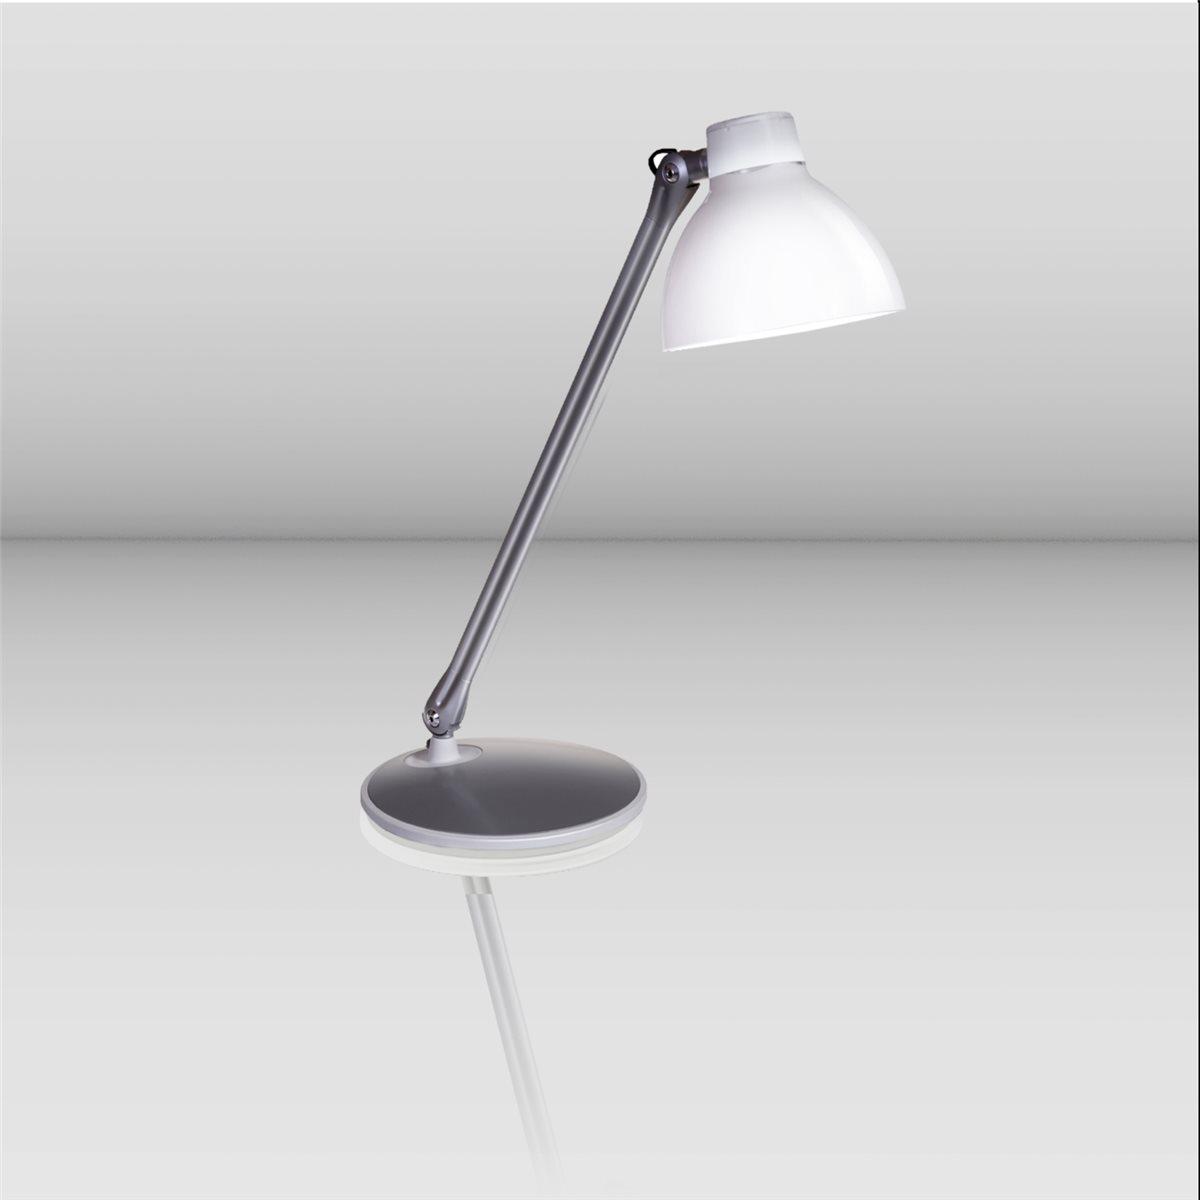 Lampenlux LED Tischlampe Tischleuchte Pany schwenkbar mit Schalter weiss E27 4W